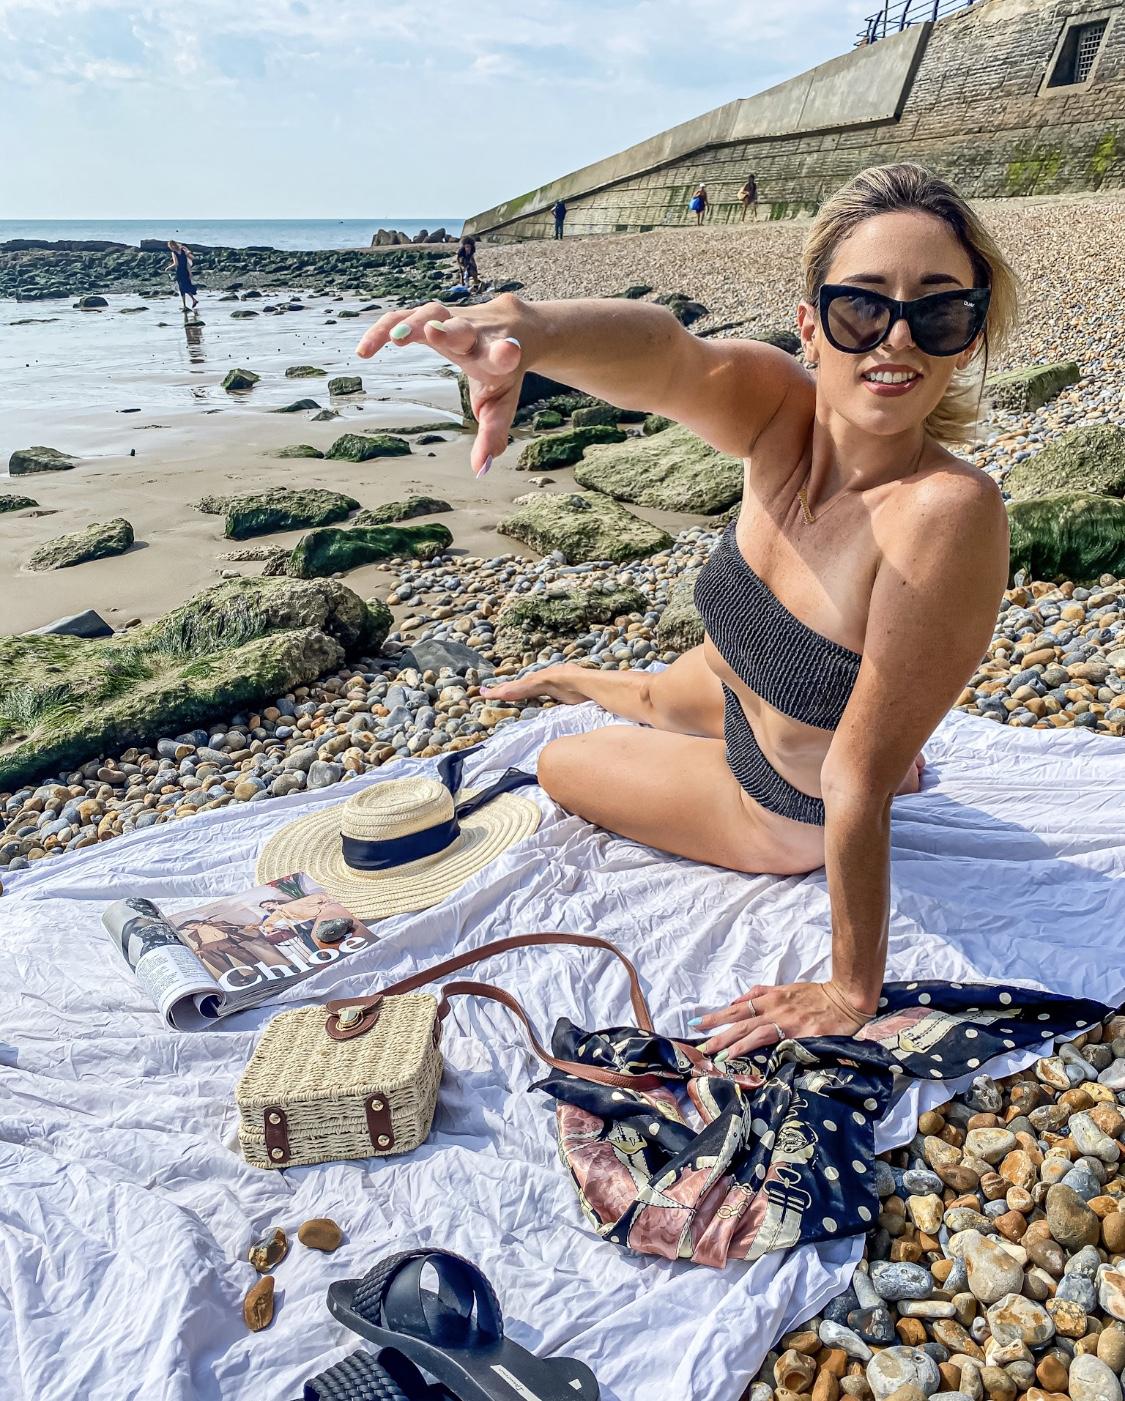 A day in Hastings - Hastings beach